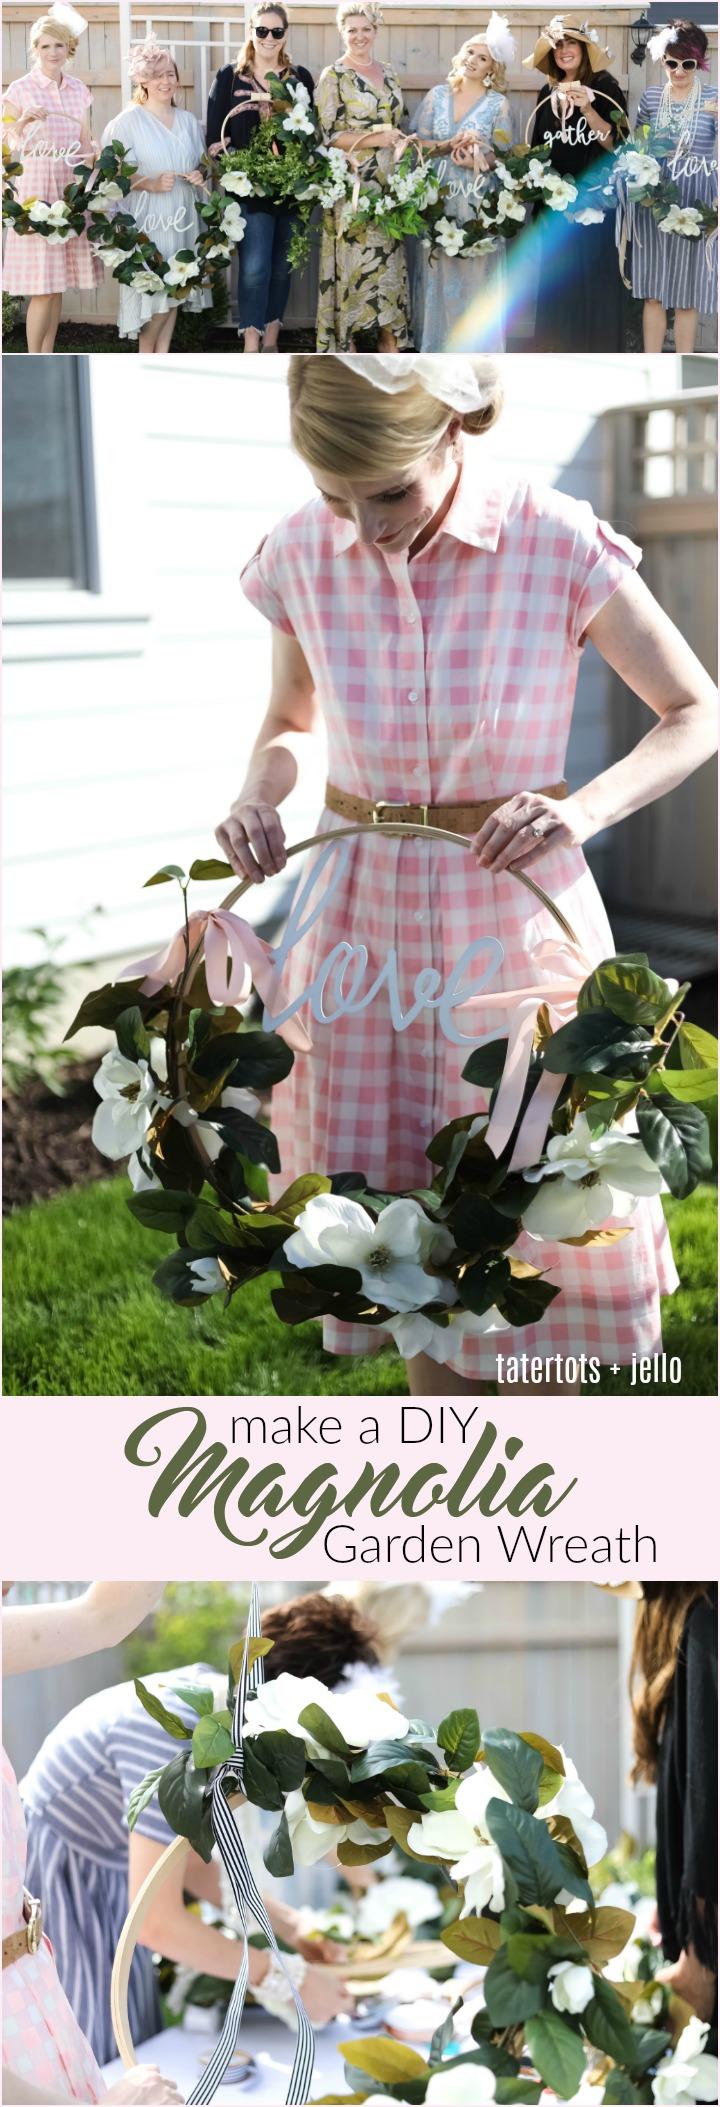 make a diy magnolia garden wreath